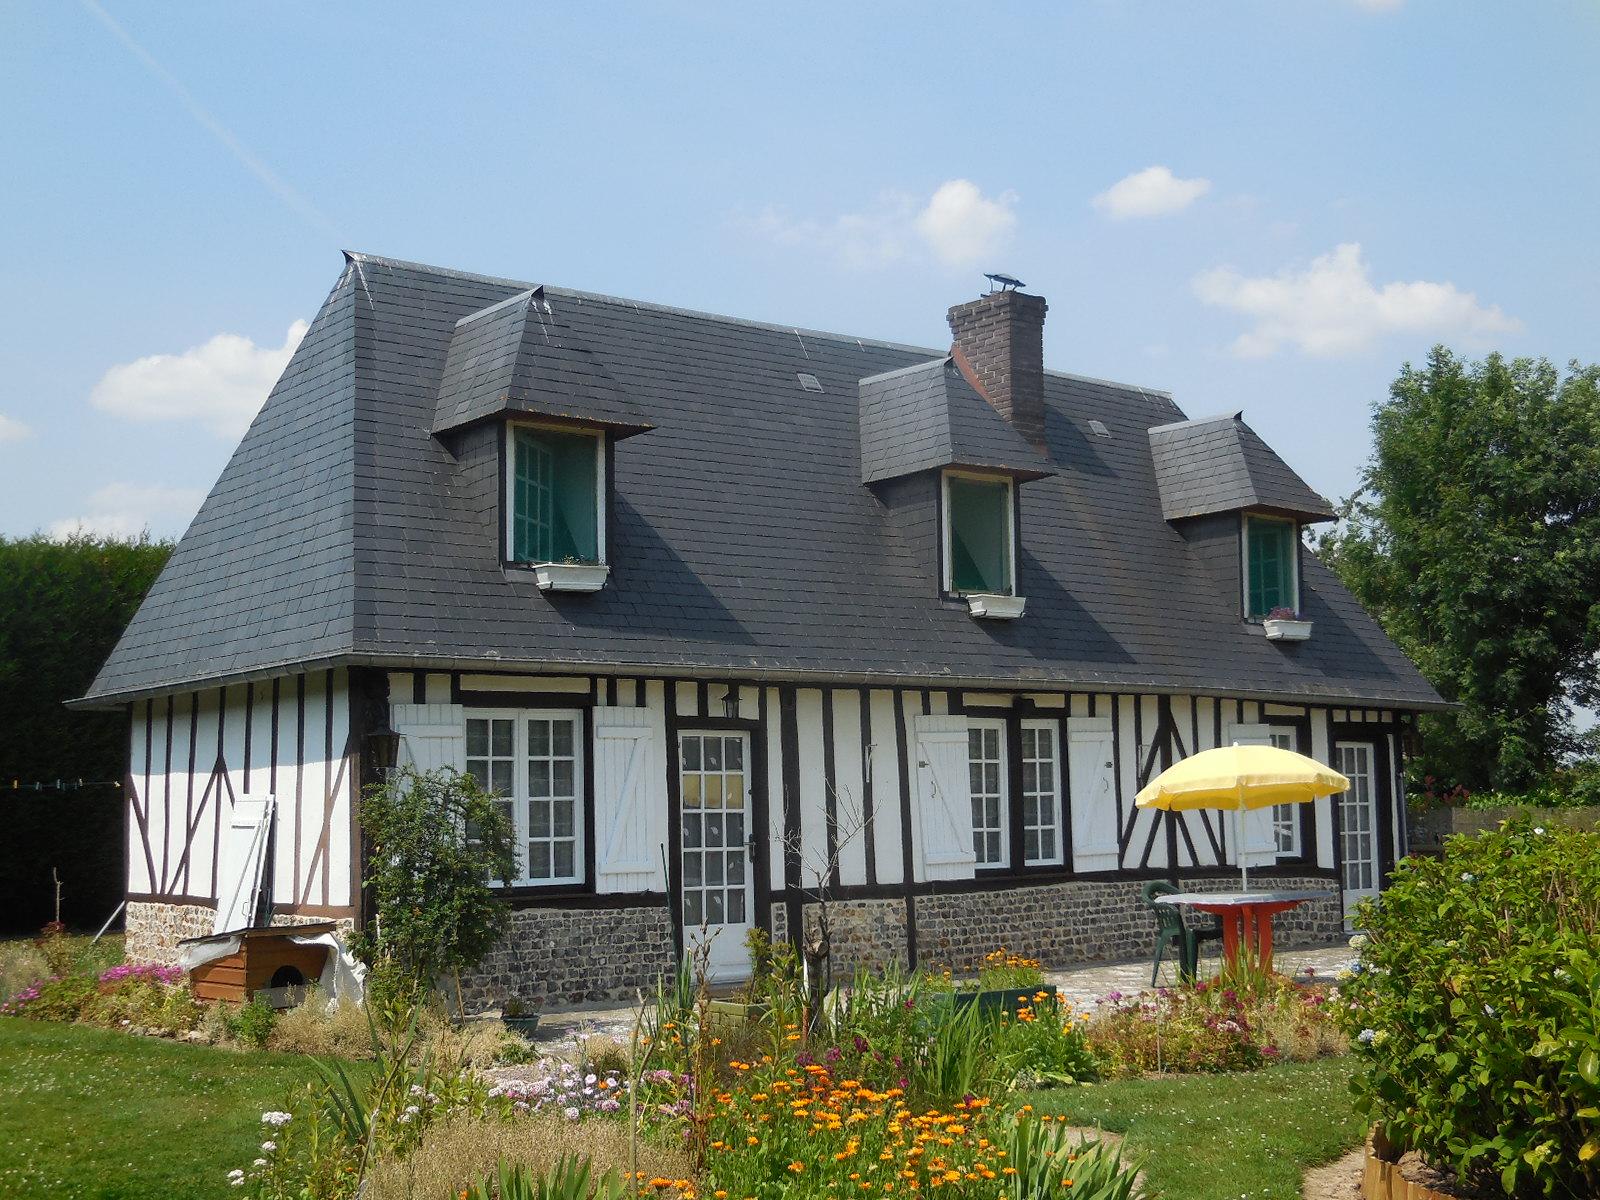 Achat appartement paris 12eme arrondissement for Achat maison paris